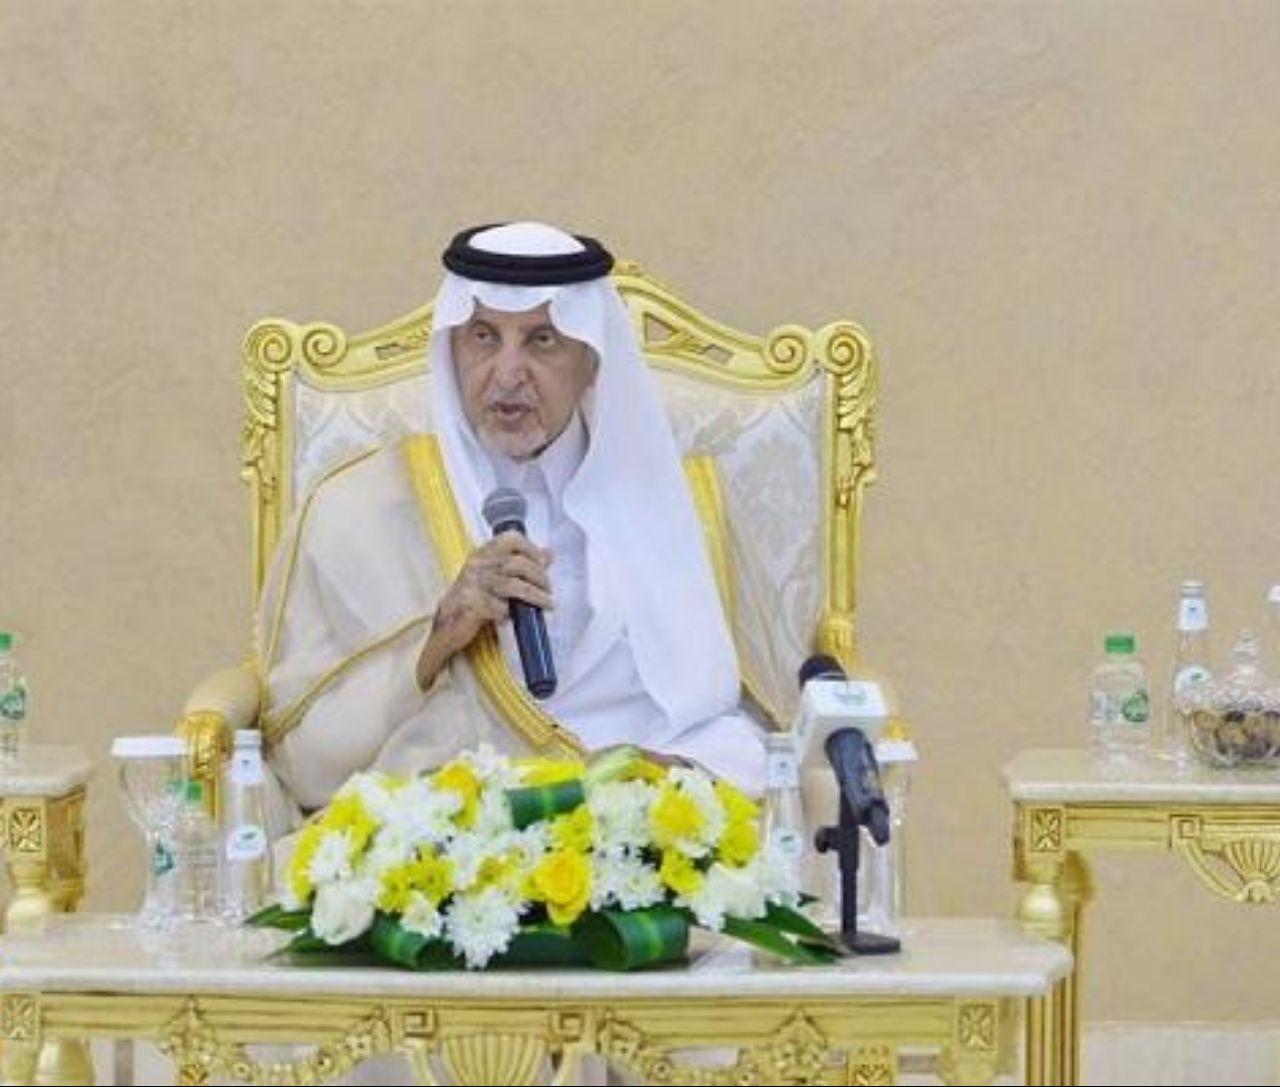 بالفيديو أول تعليق للشاعر على رد فعل أمير مكة تجاهه عندما رفض إلقائه قصيدة ترحيبية !